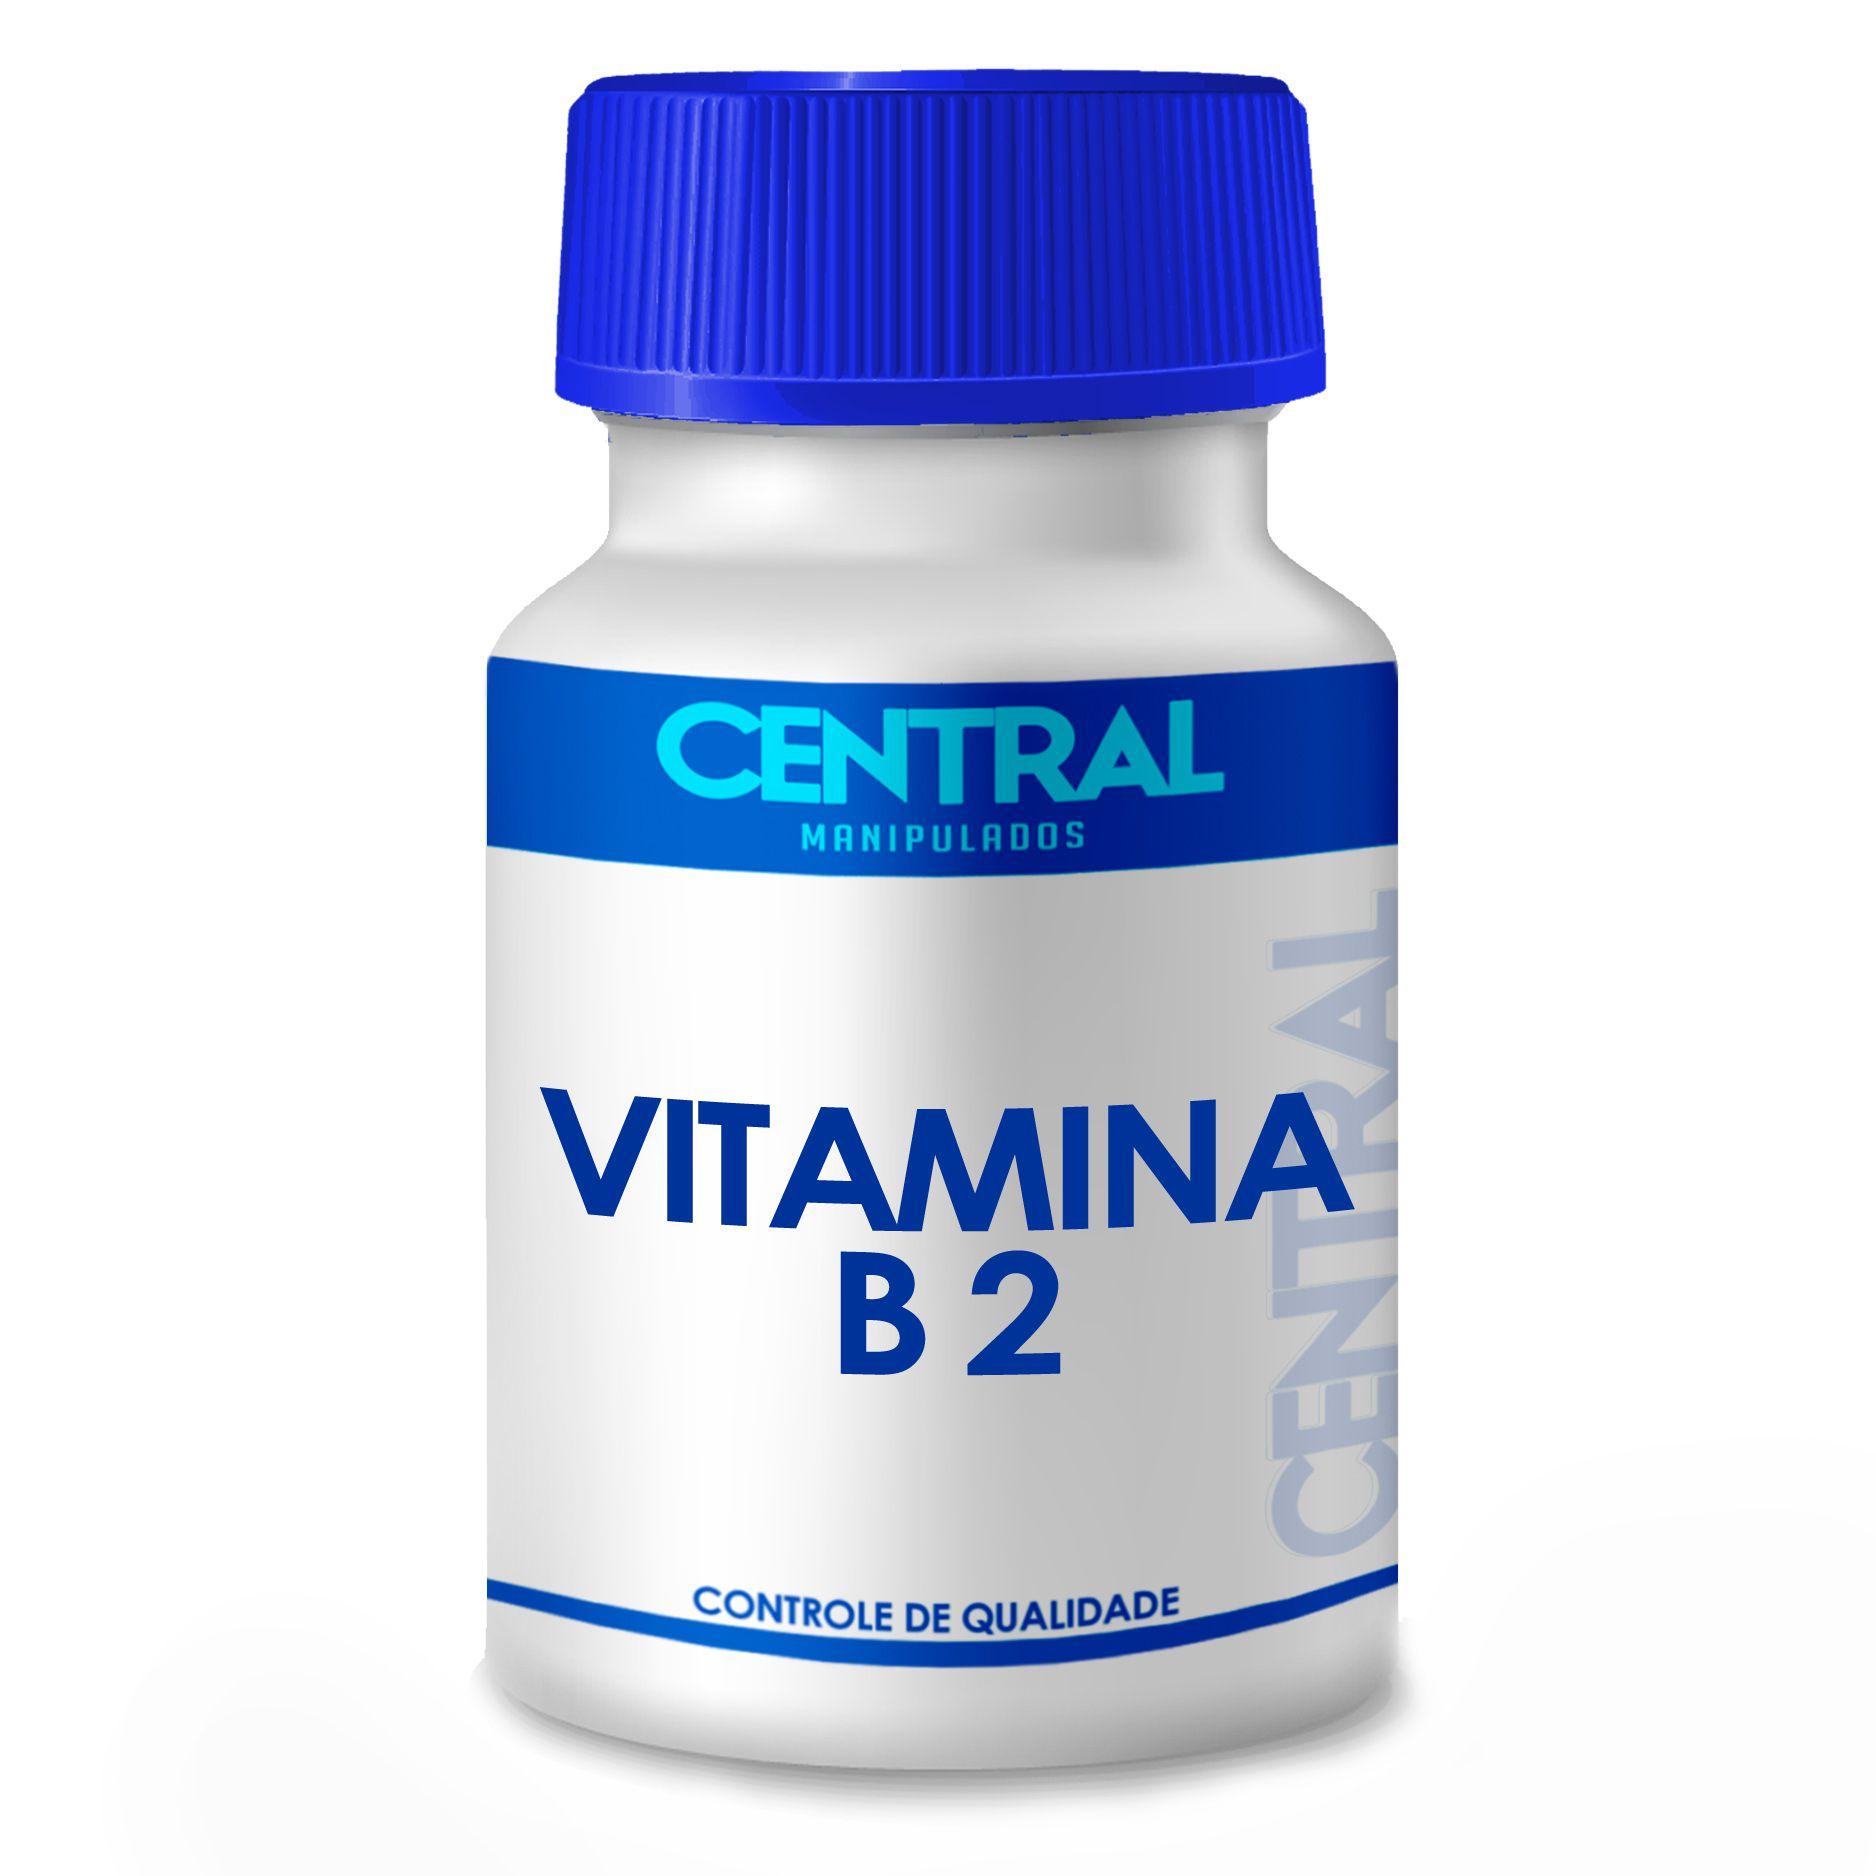 Vitamina B2 50mg 180 cápsulas - Riboflavina - Indicada nos esportes de alta performance, na hemodiálise crônica e na inflamação crônica do intestino